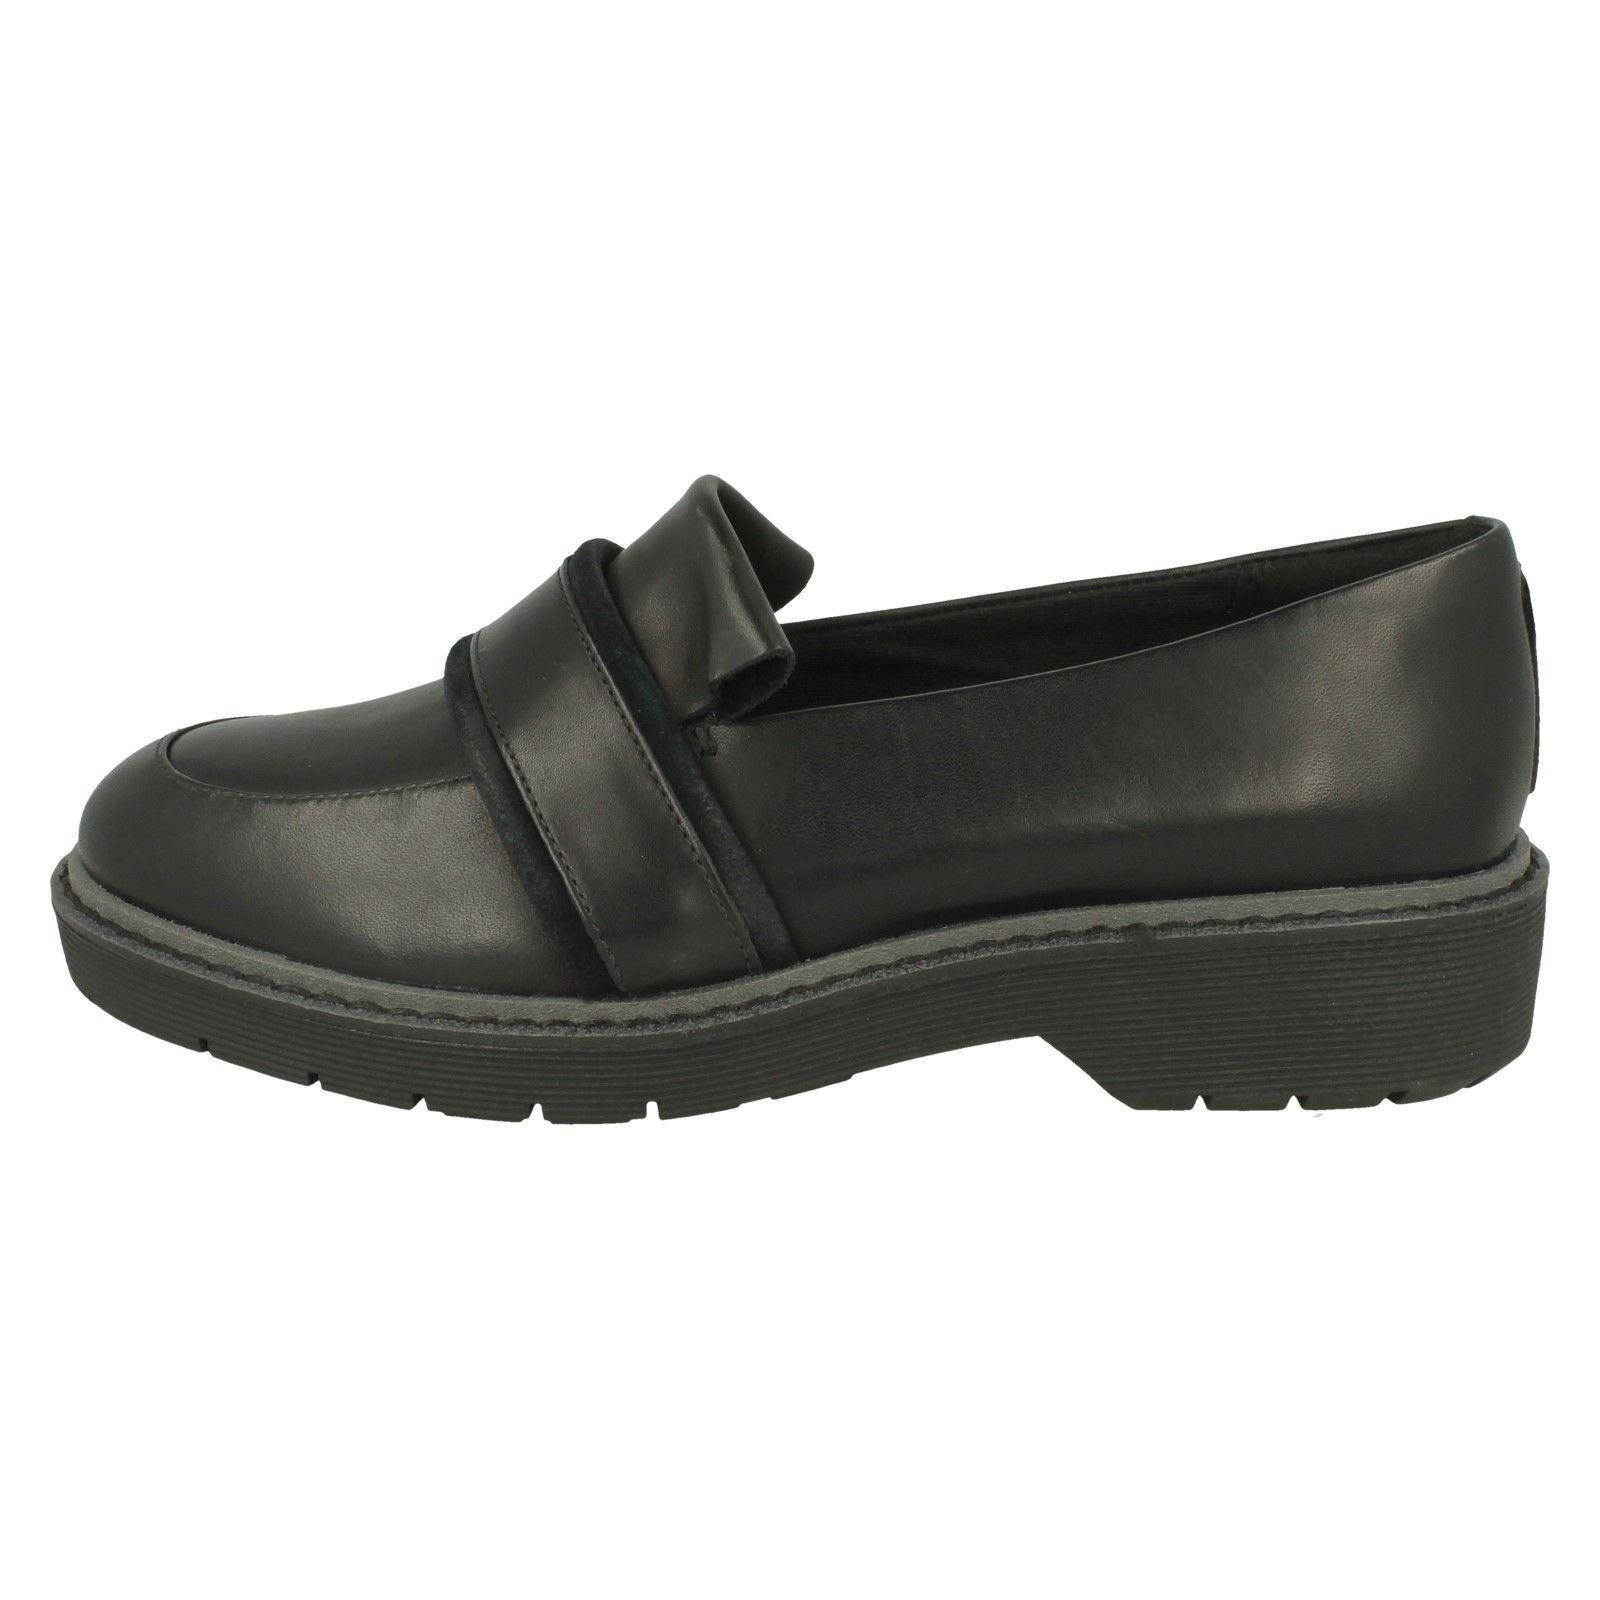 Clarks Zapatos señoras del resbalón resbalón resbalón en 'Alexa Rubí' e728ec